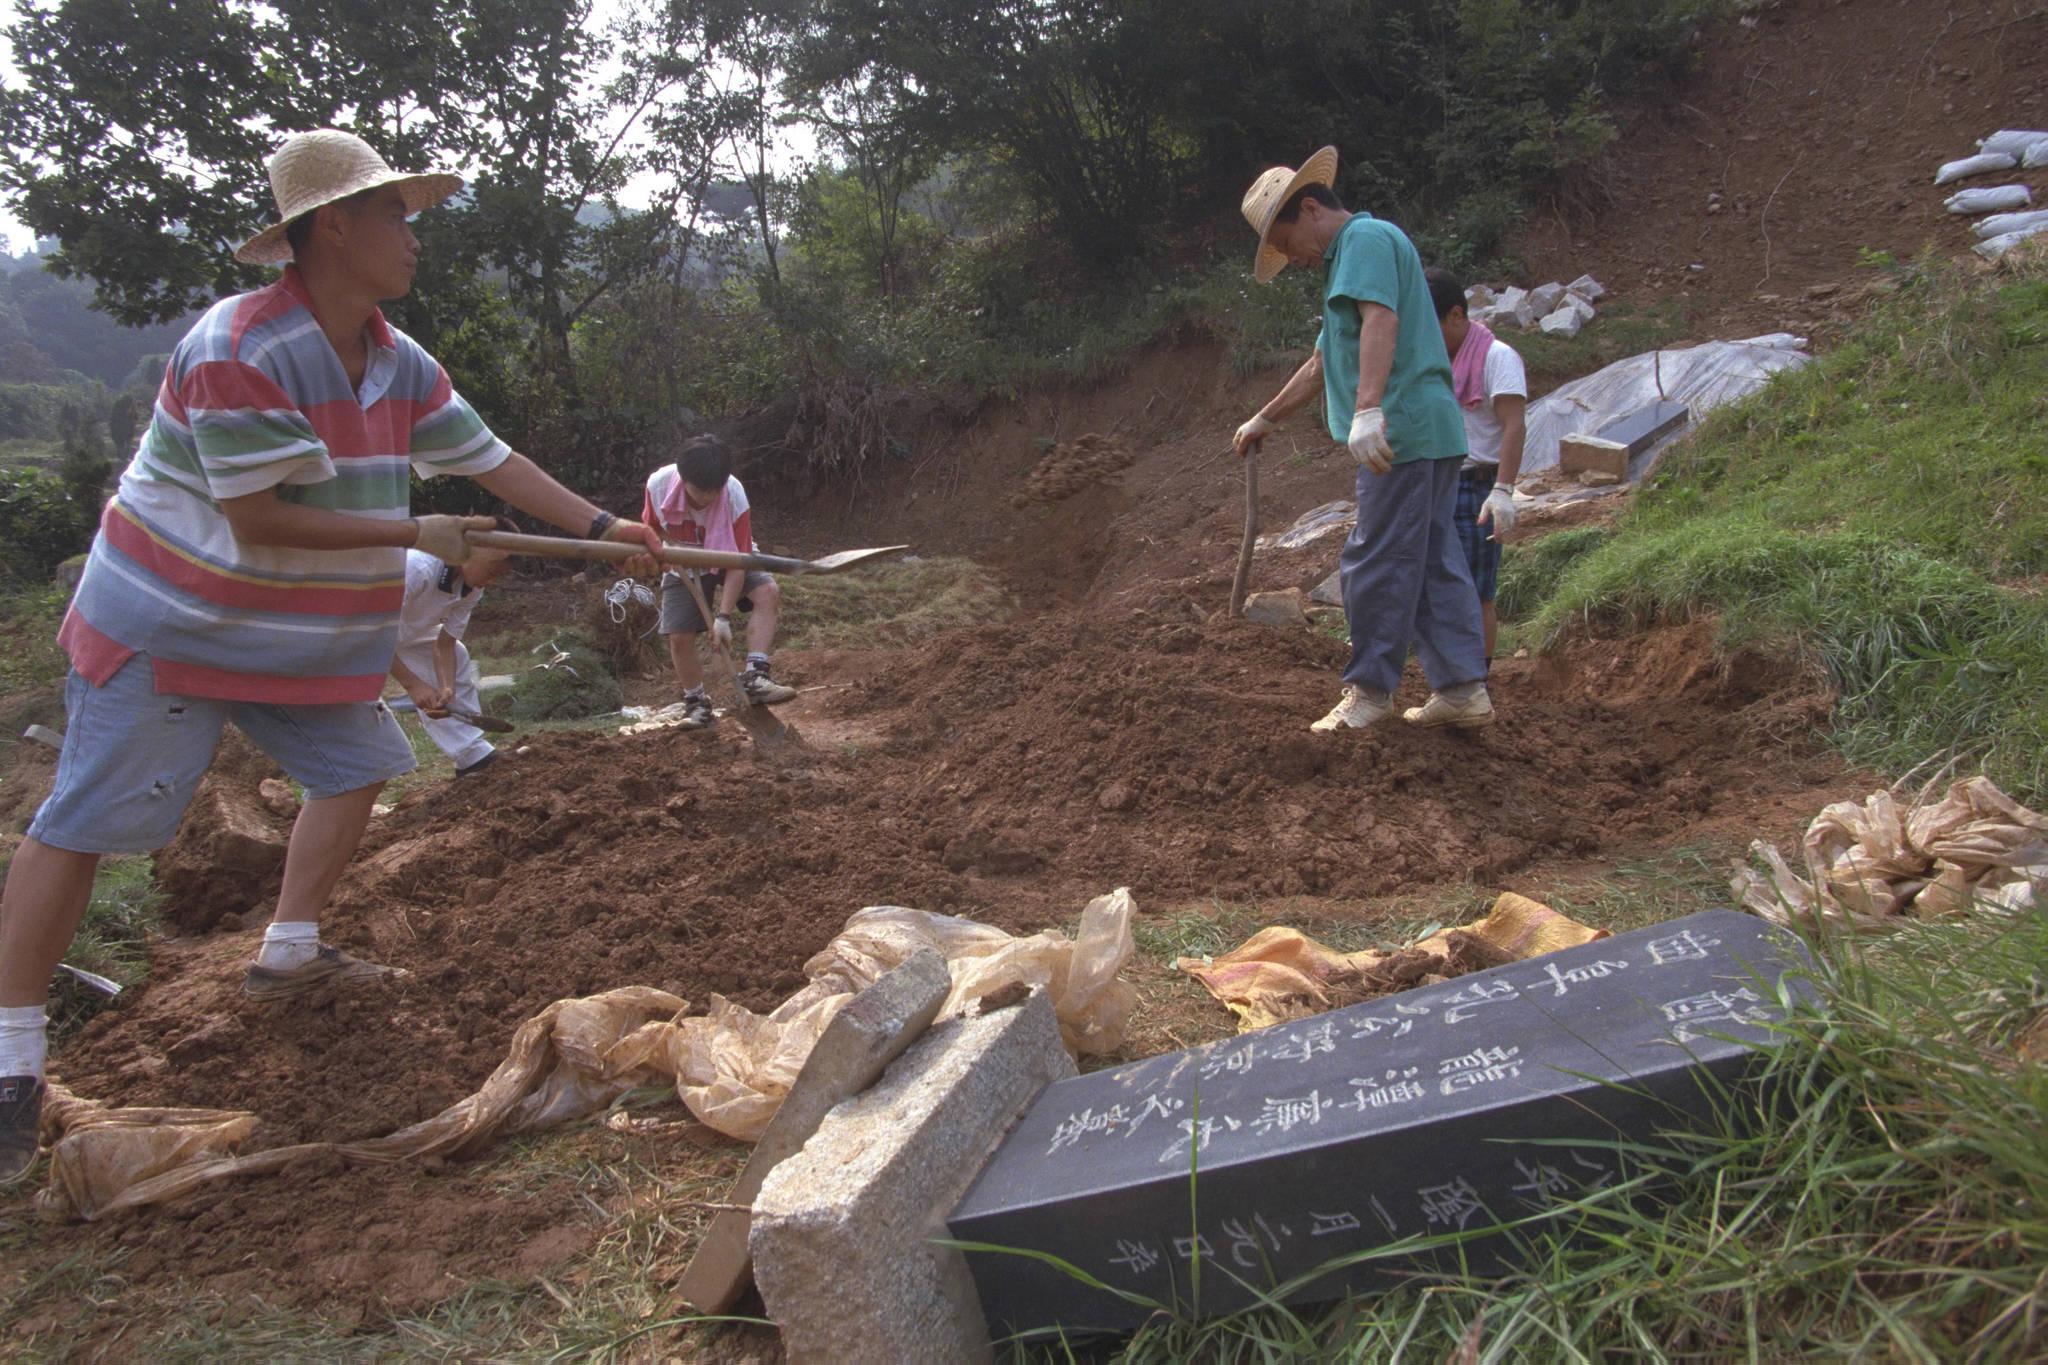 1998년 9월 27일 경기도파주시용미리 시립묘지를 찾은 한가족이 전달인 8월 집중호우에 훼손된 묘지를 복구하느라 분주하게 움직이고 있다.[중앙포토]